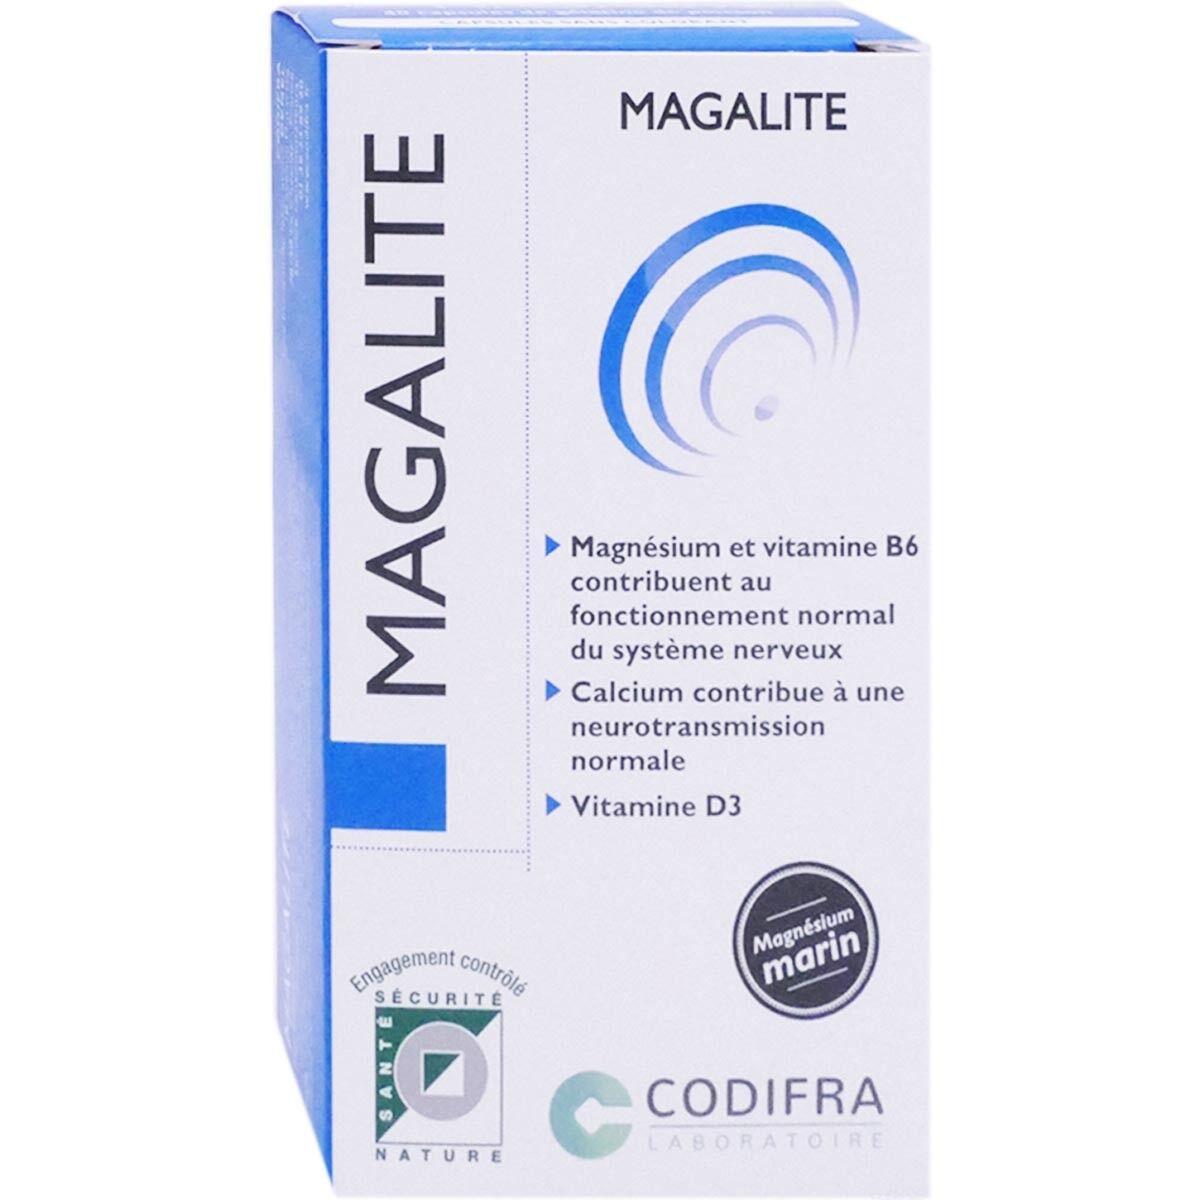 Codifra magalite magnesium marin 40 capsules